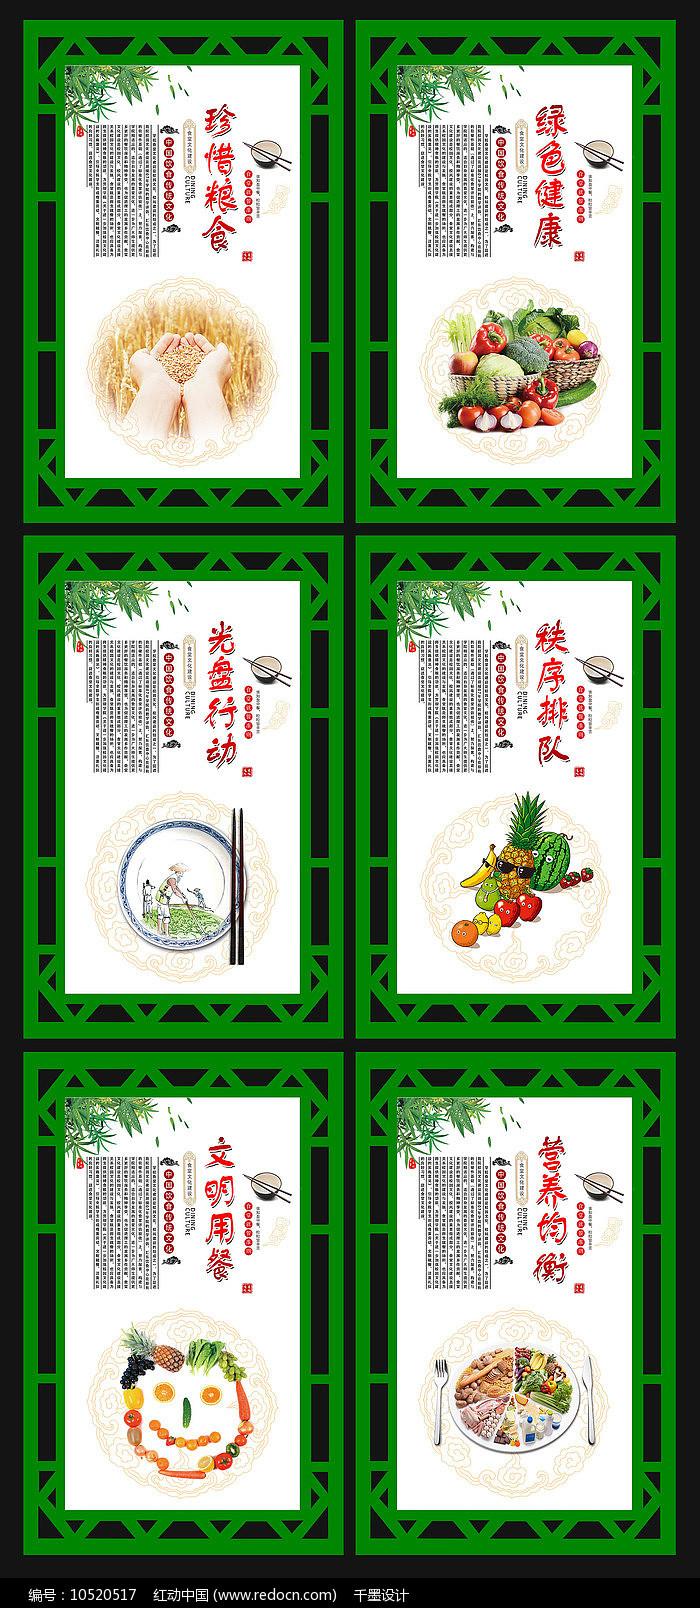 绿色食堂文化宣传展板